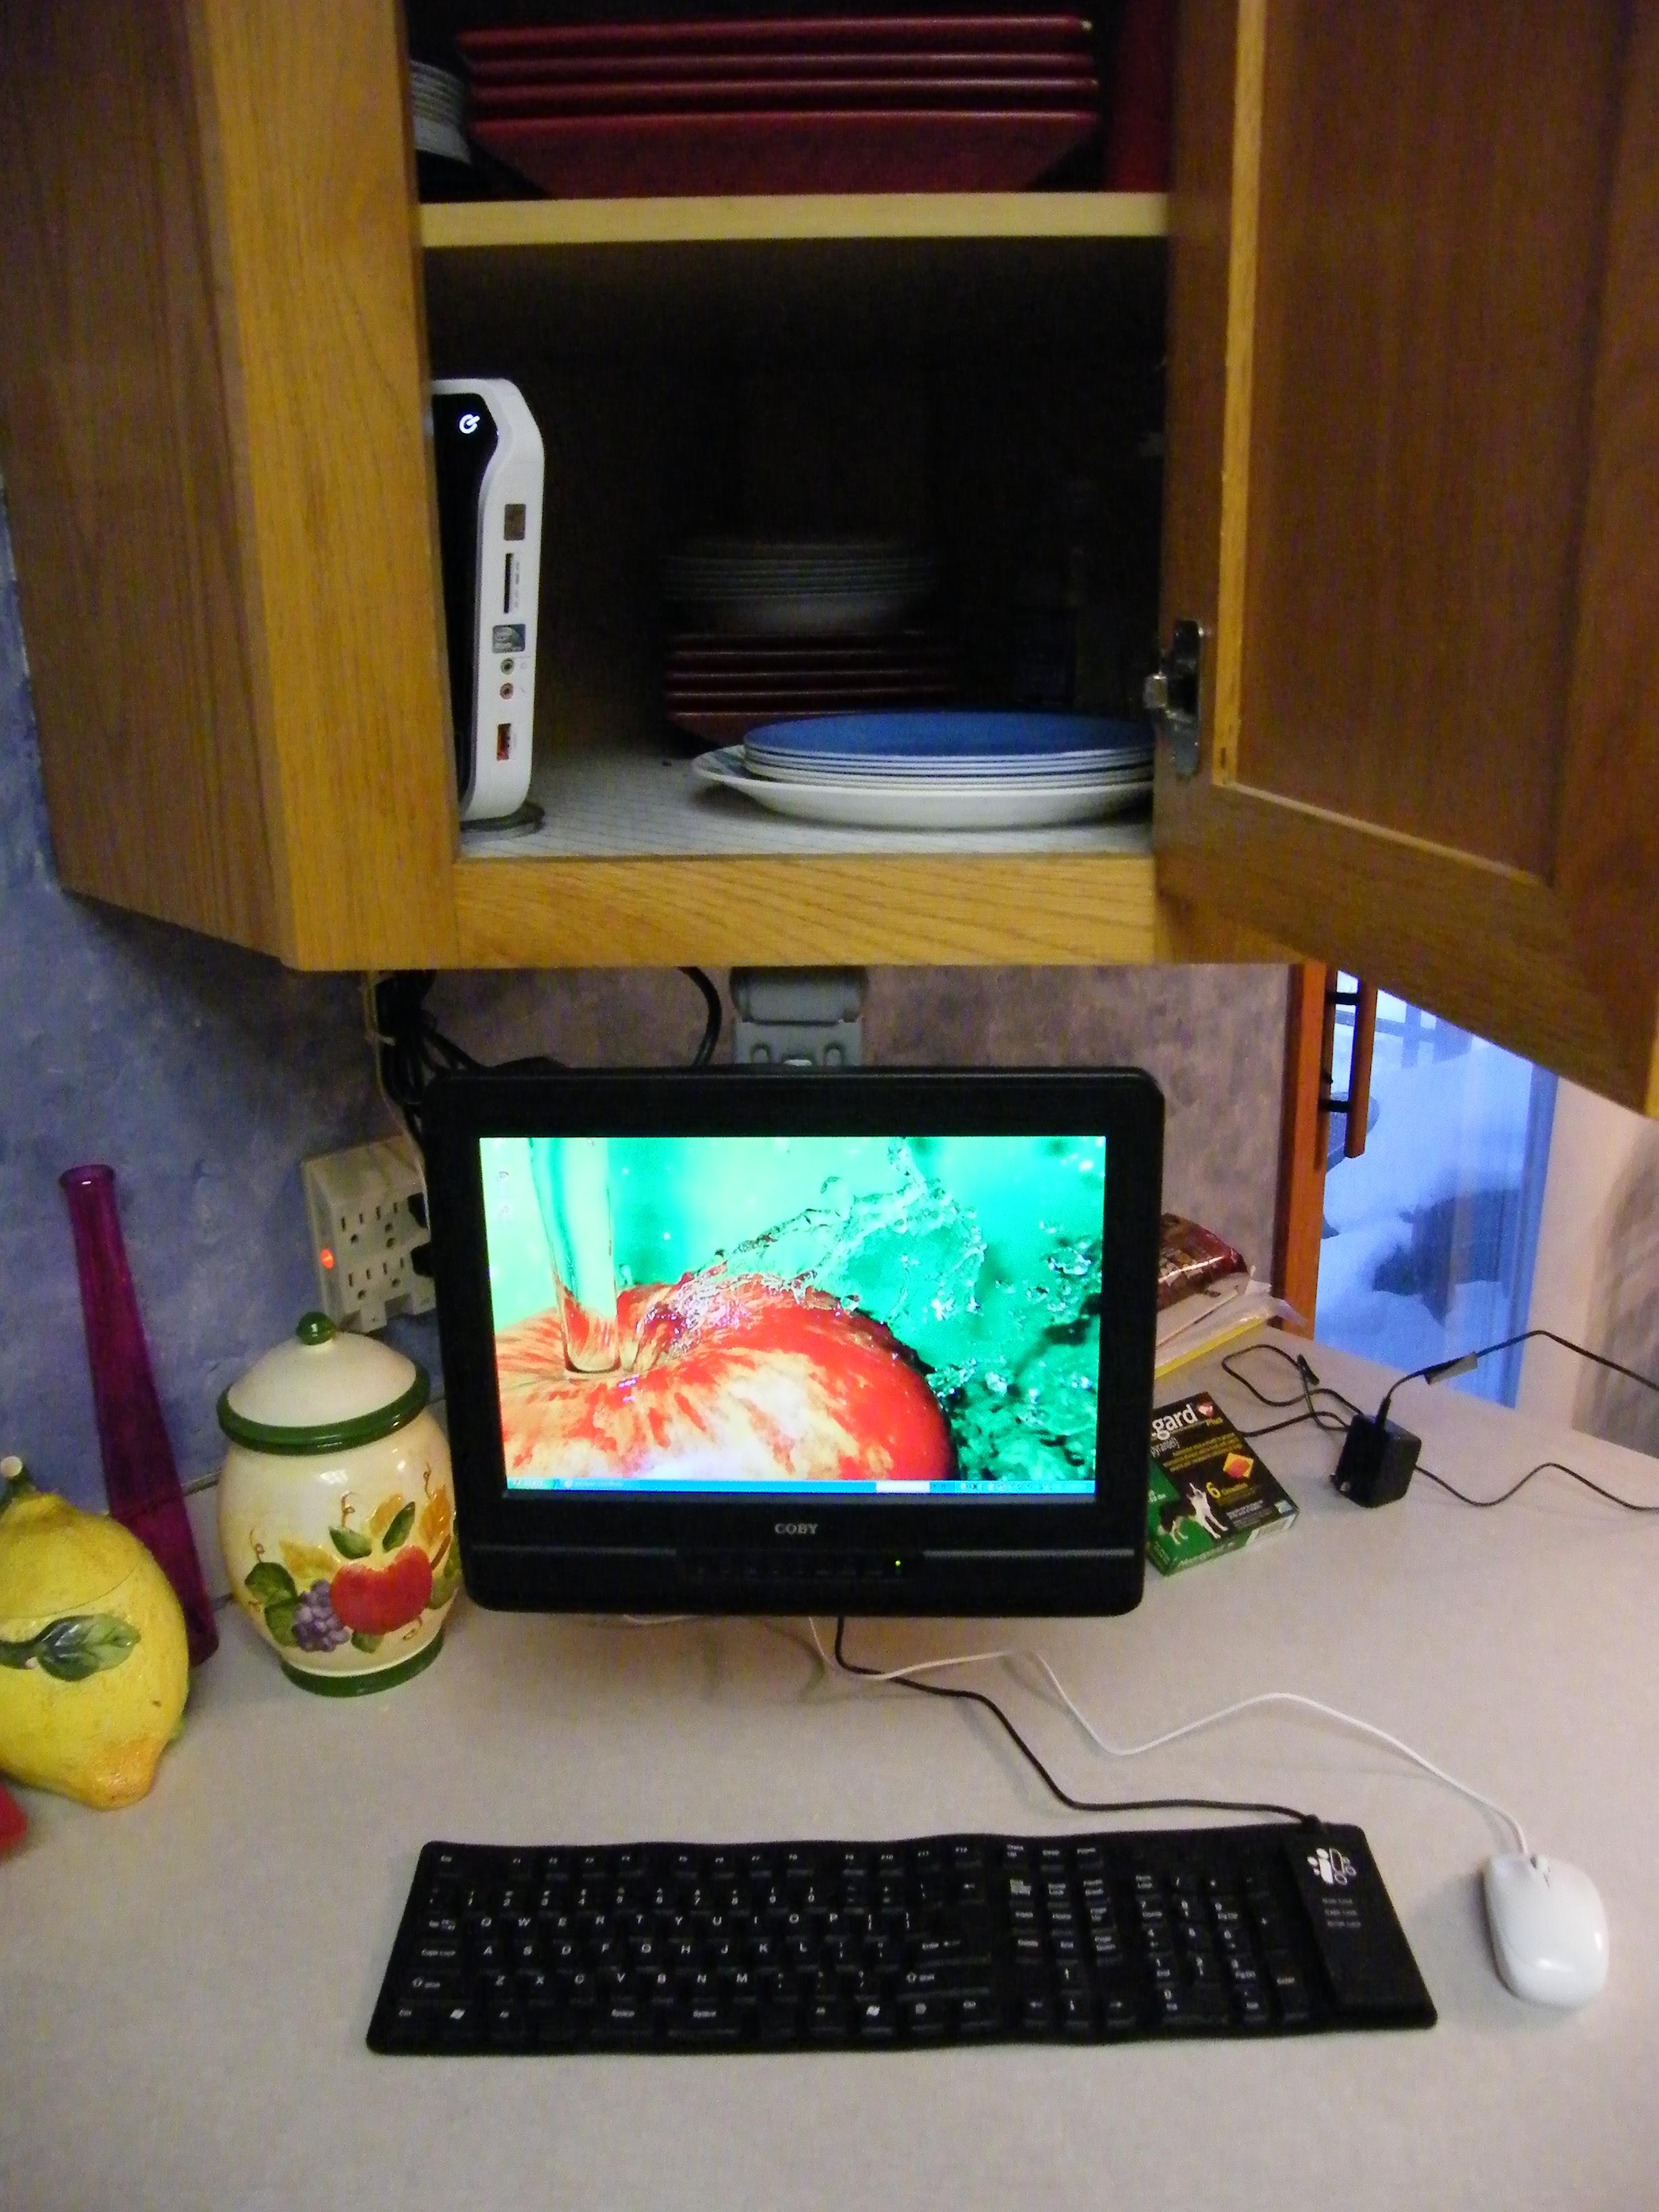 Kitchen Computer 6 Flickr Photo Sharing